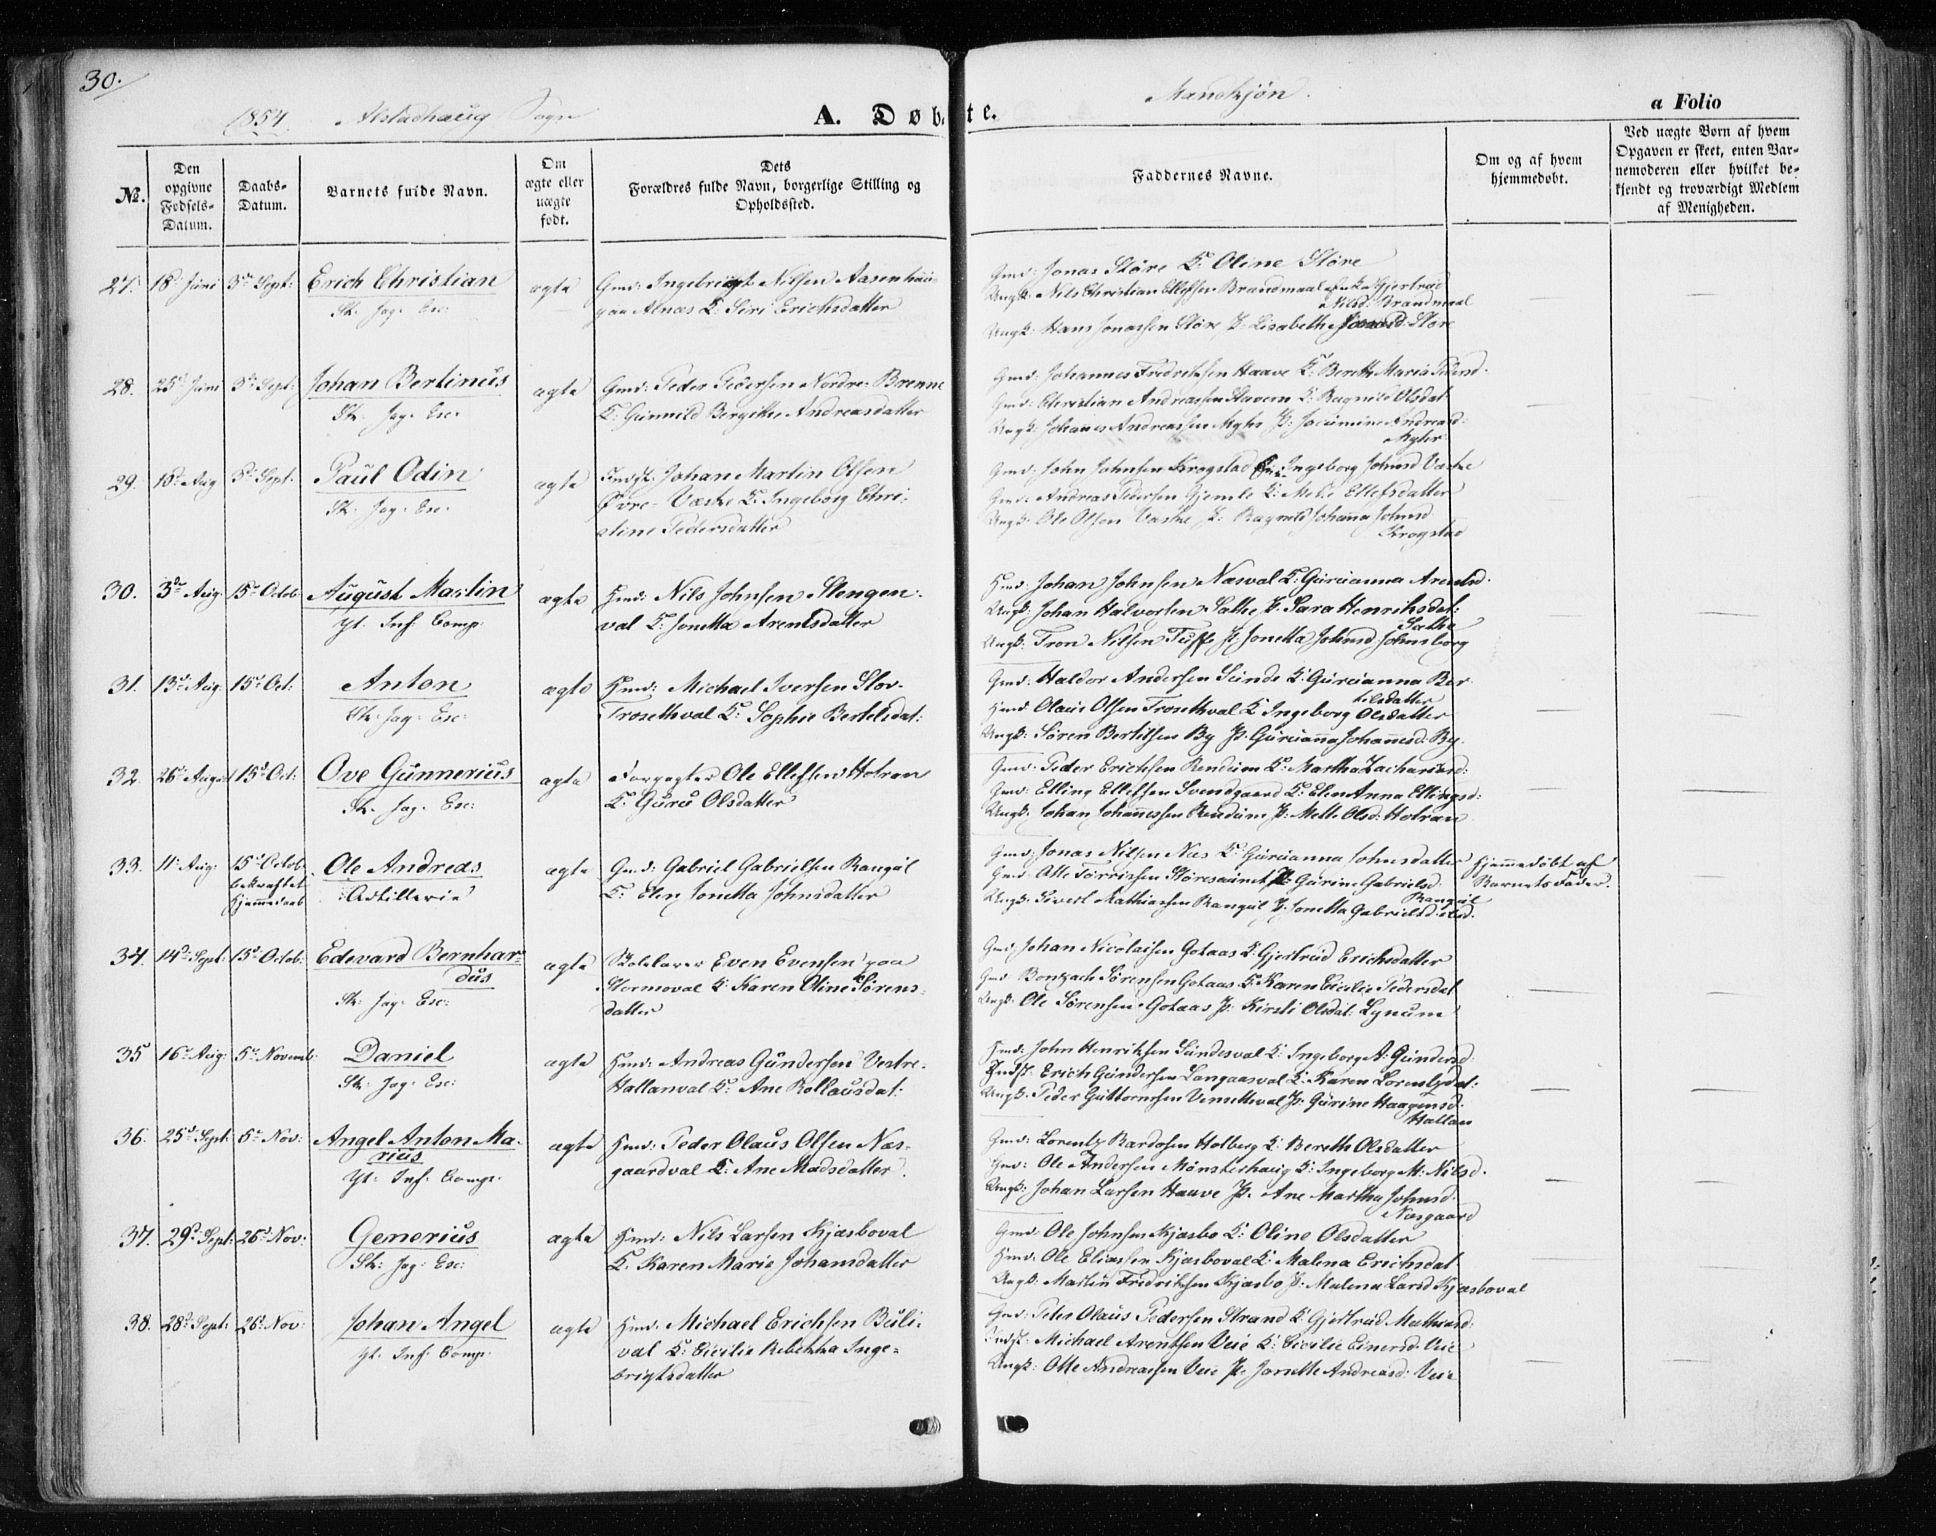 SAT, Ministerialprotokoller, klokkerbøker og fødselsregistre - Nord-Trøndelag, 717/L0154: Ministerialbok nr. 717A07 /1, 1850-1862, s. 30